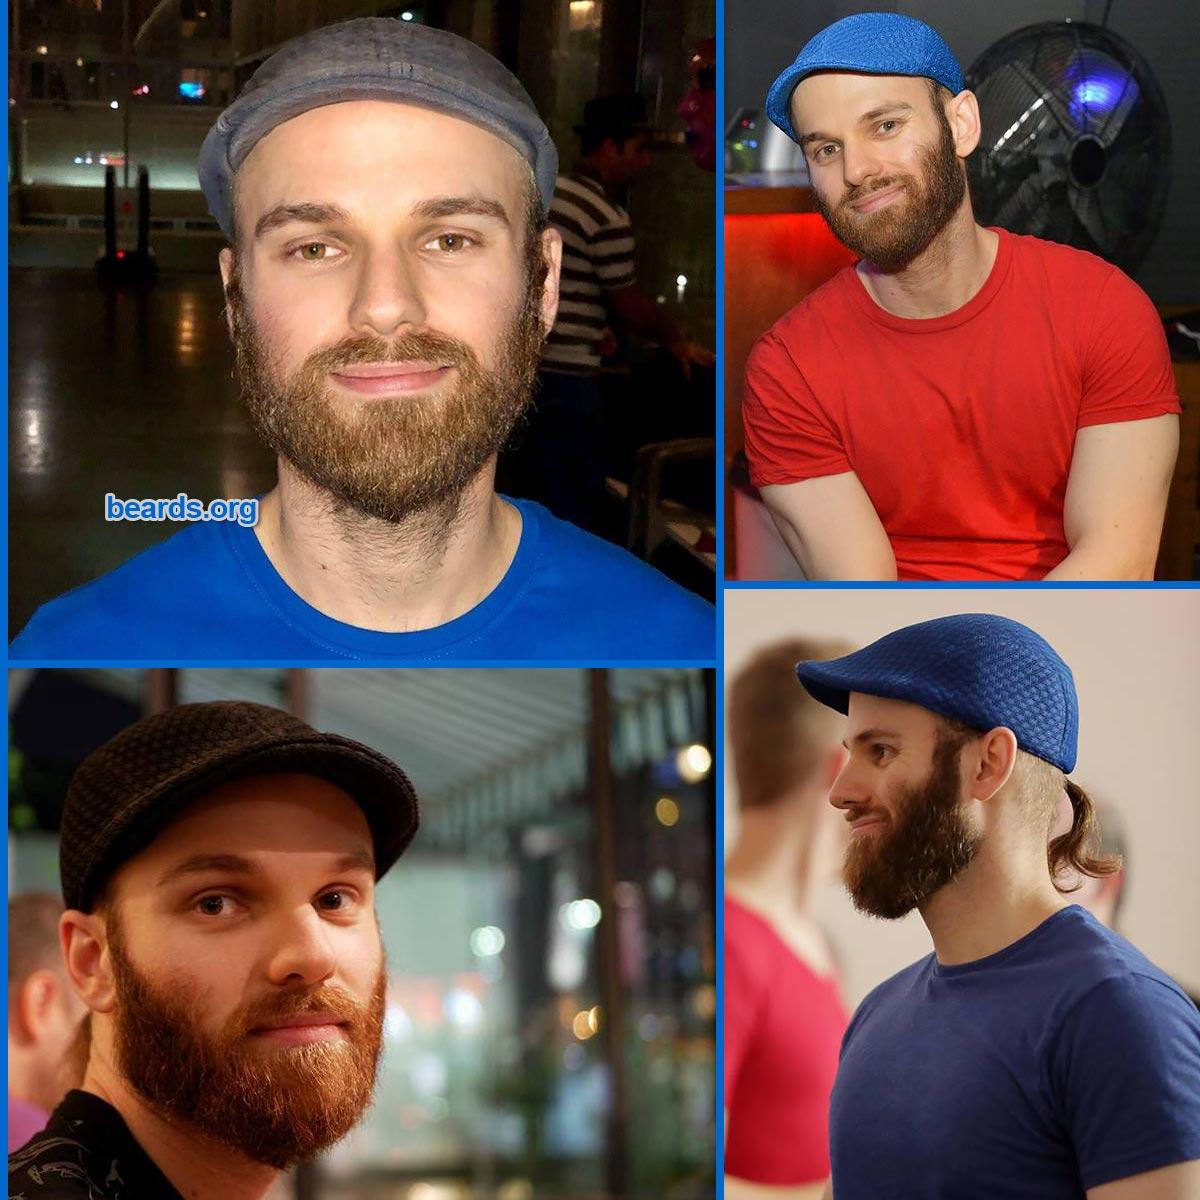 2019: recent views of Michael's beard